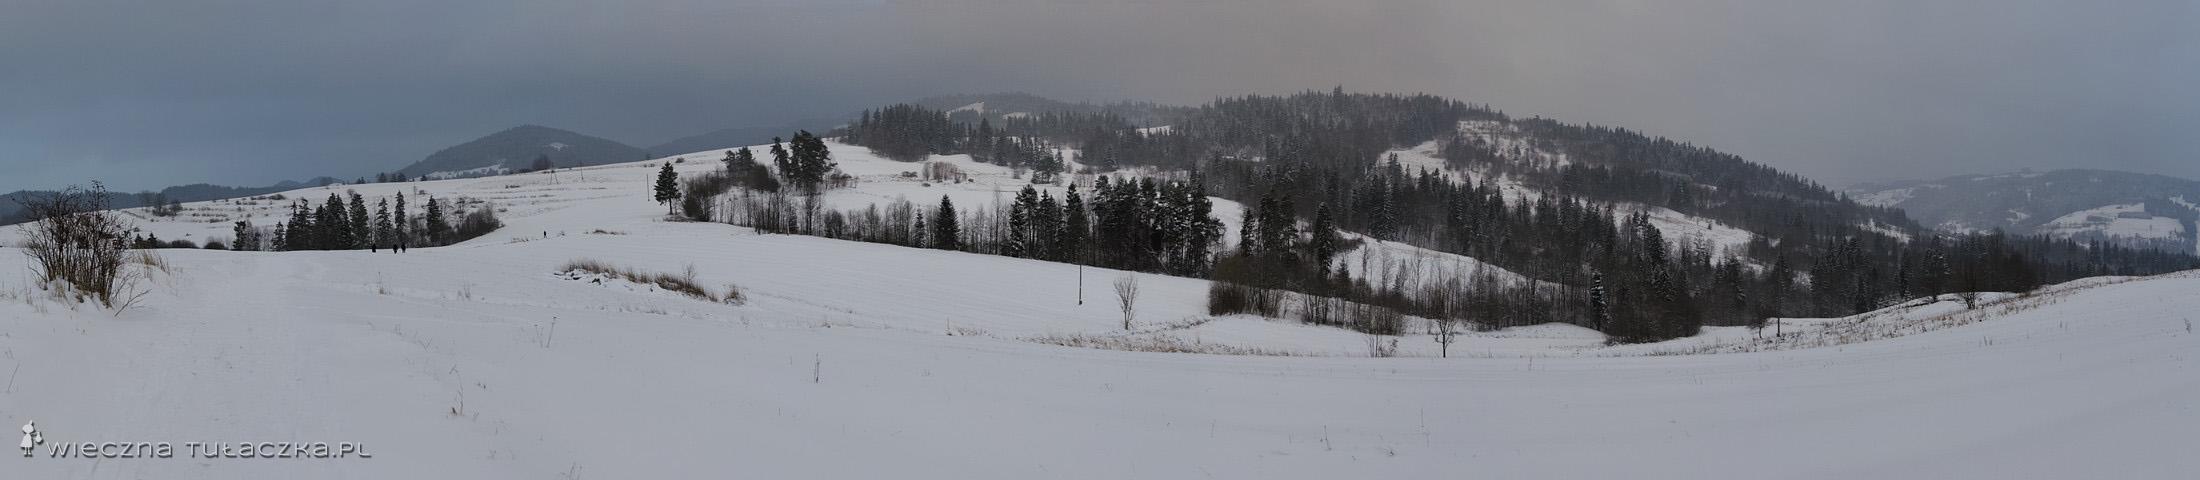 Czerwony szlak na Maciejową i Stare Wierchy